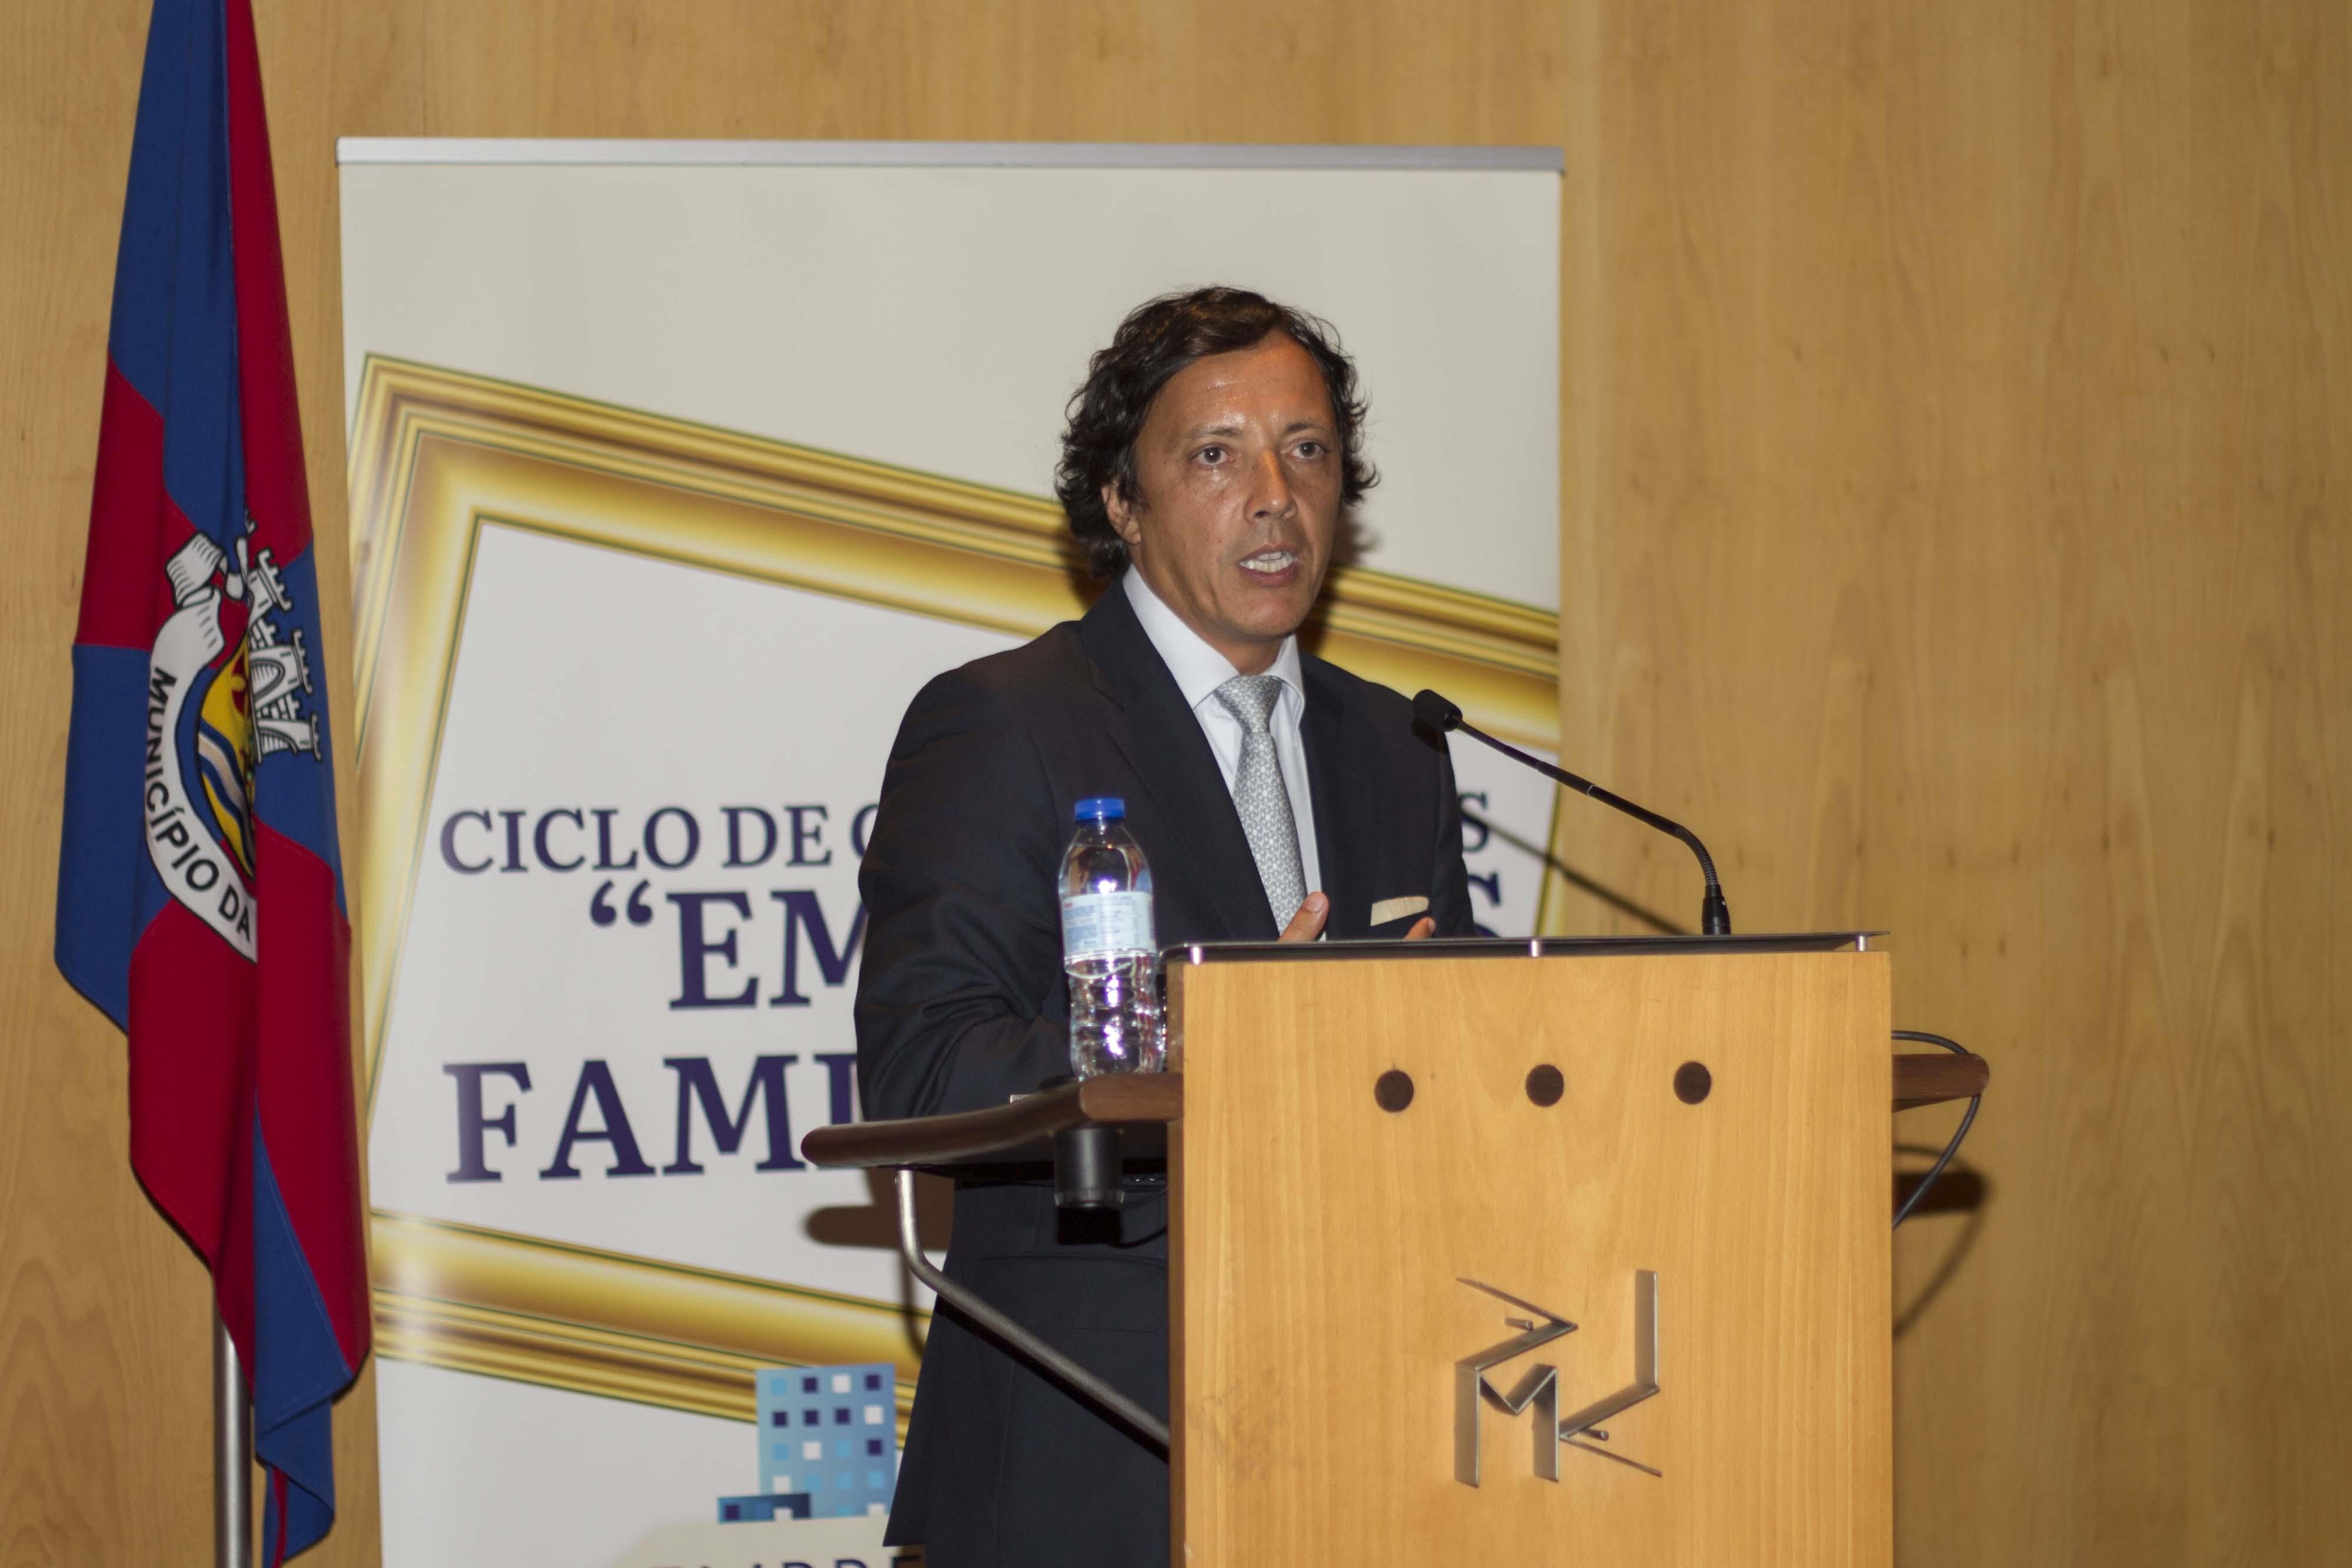 Pedro Ortigão, IPAMEI